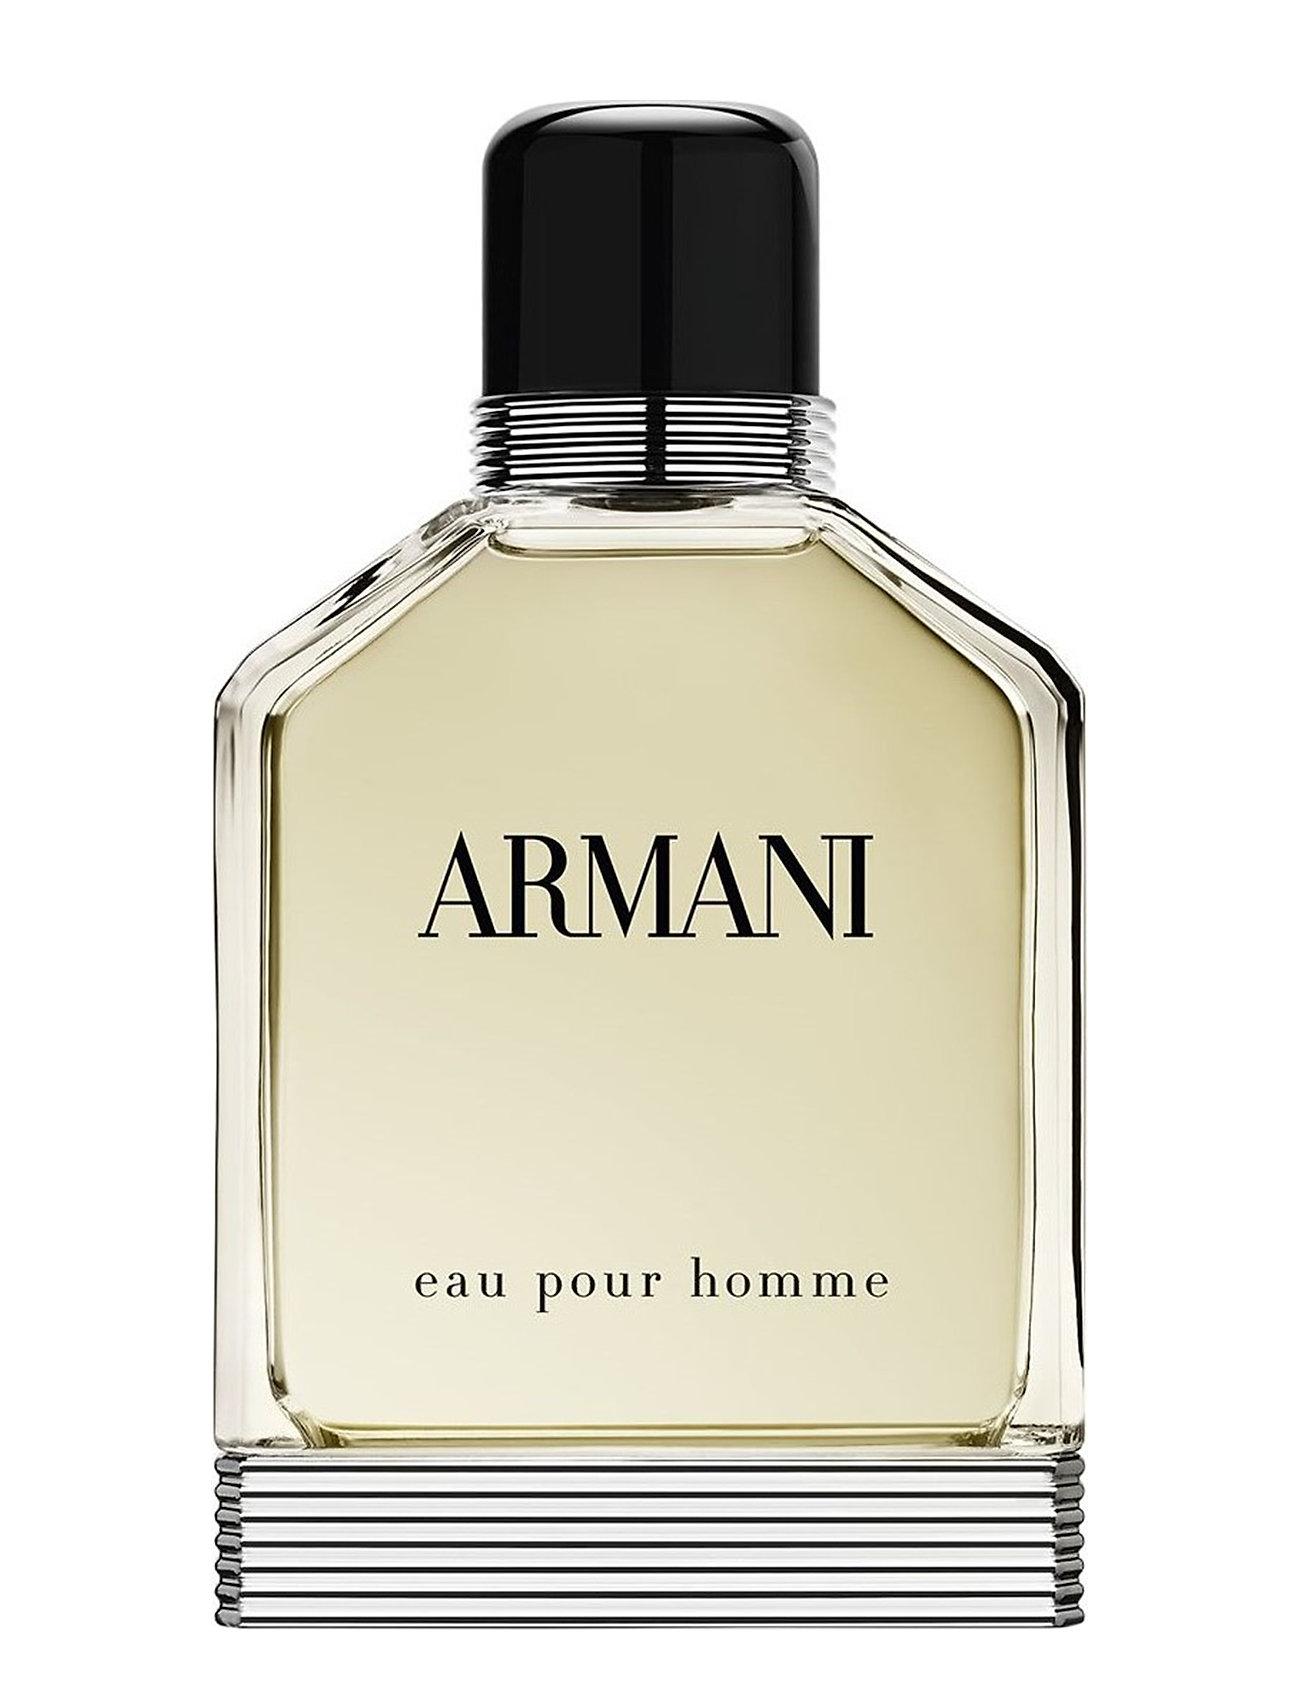 Giorgio Armani Eau Pour Homme Eau de Toilette 100 ml - NO COLOR CODE